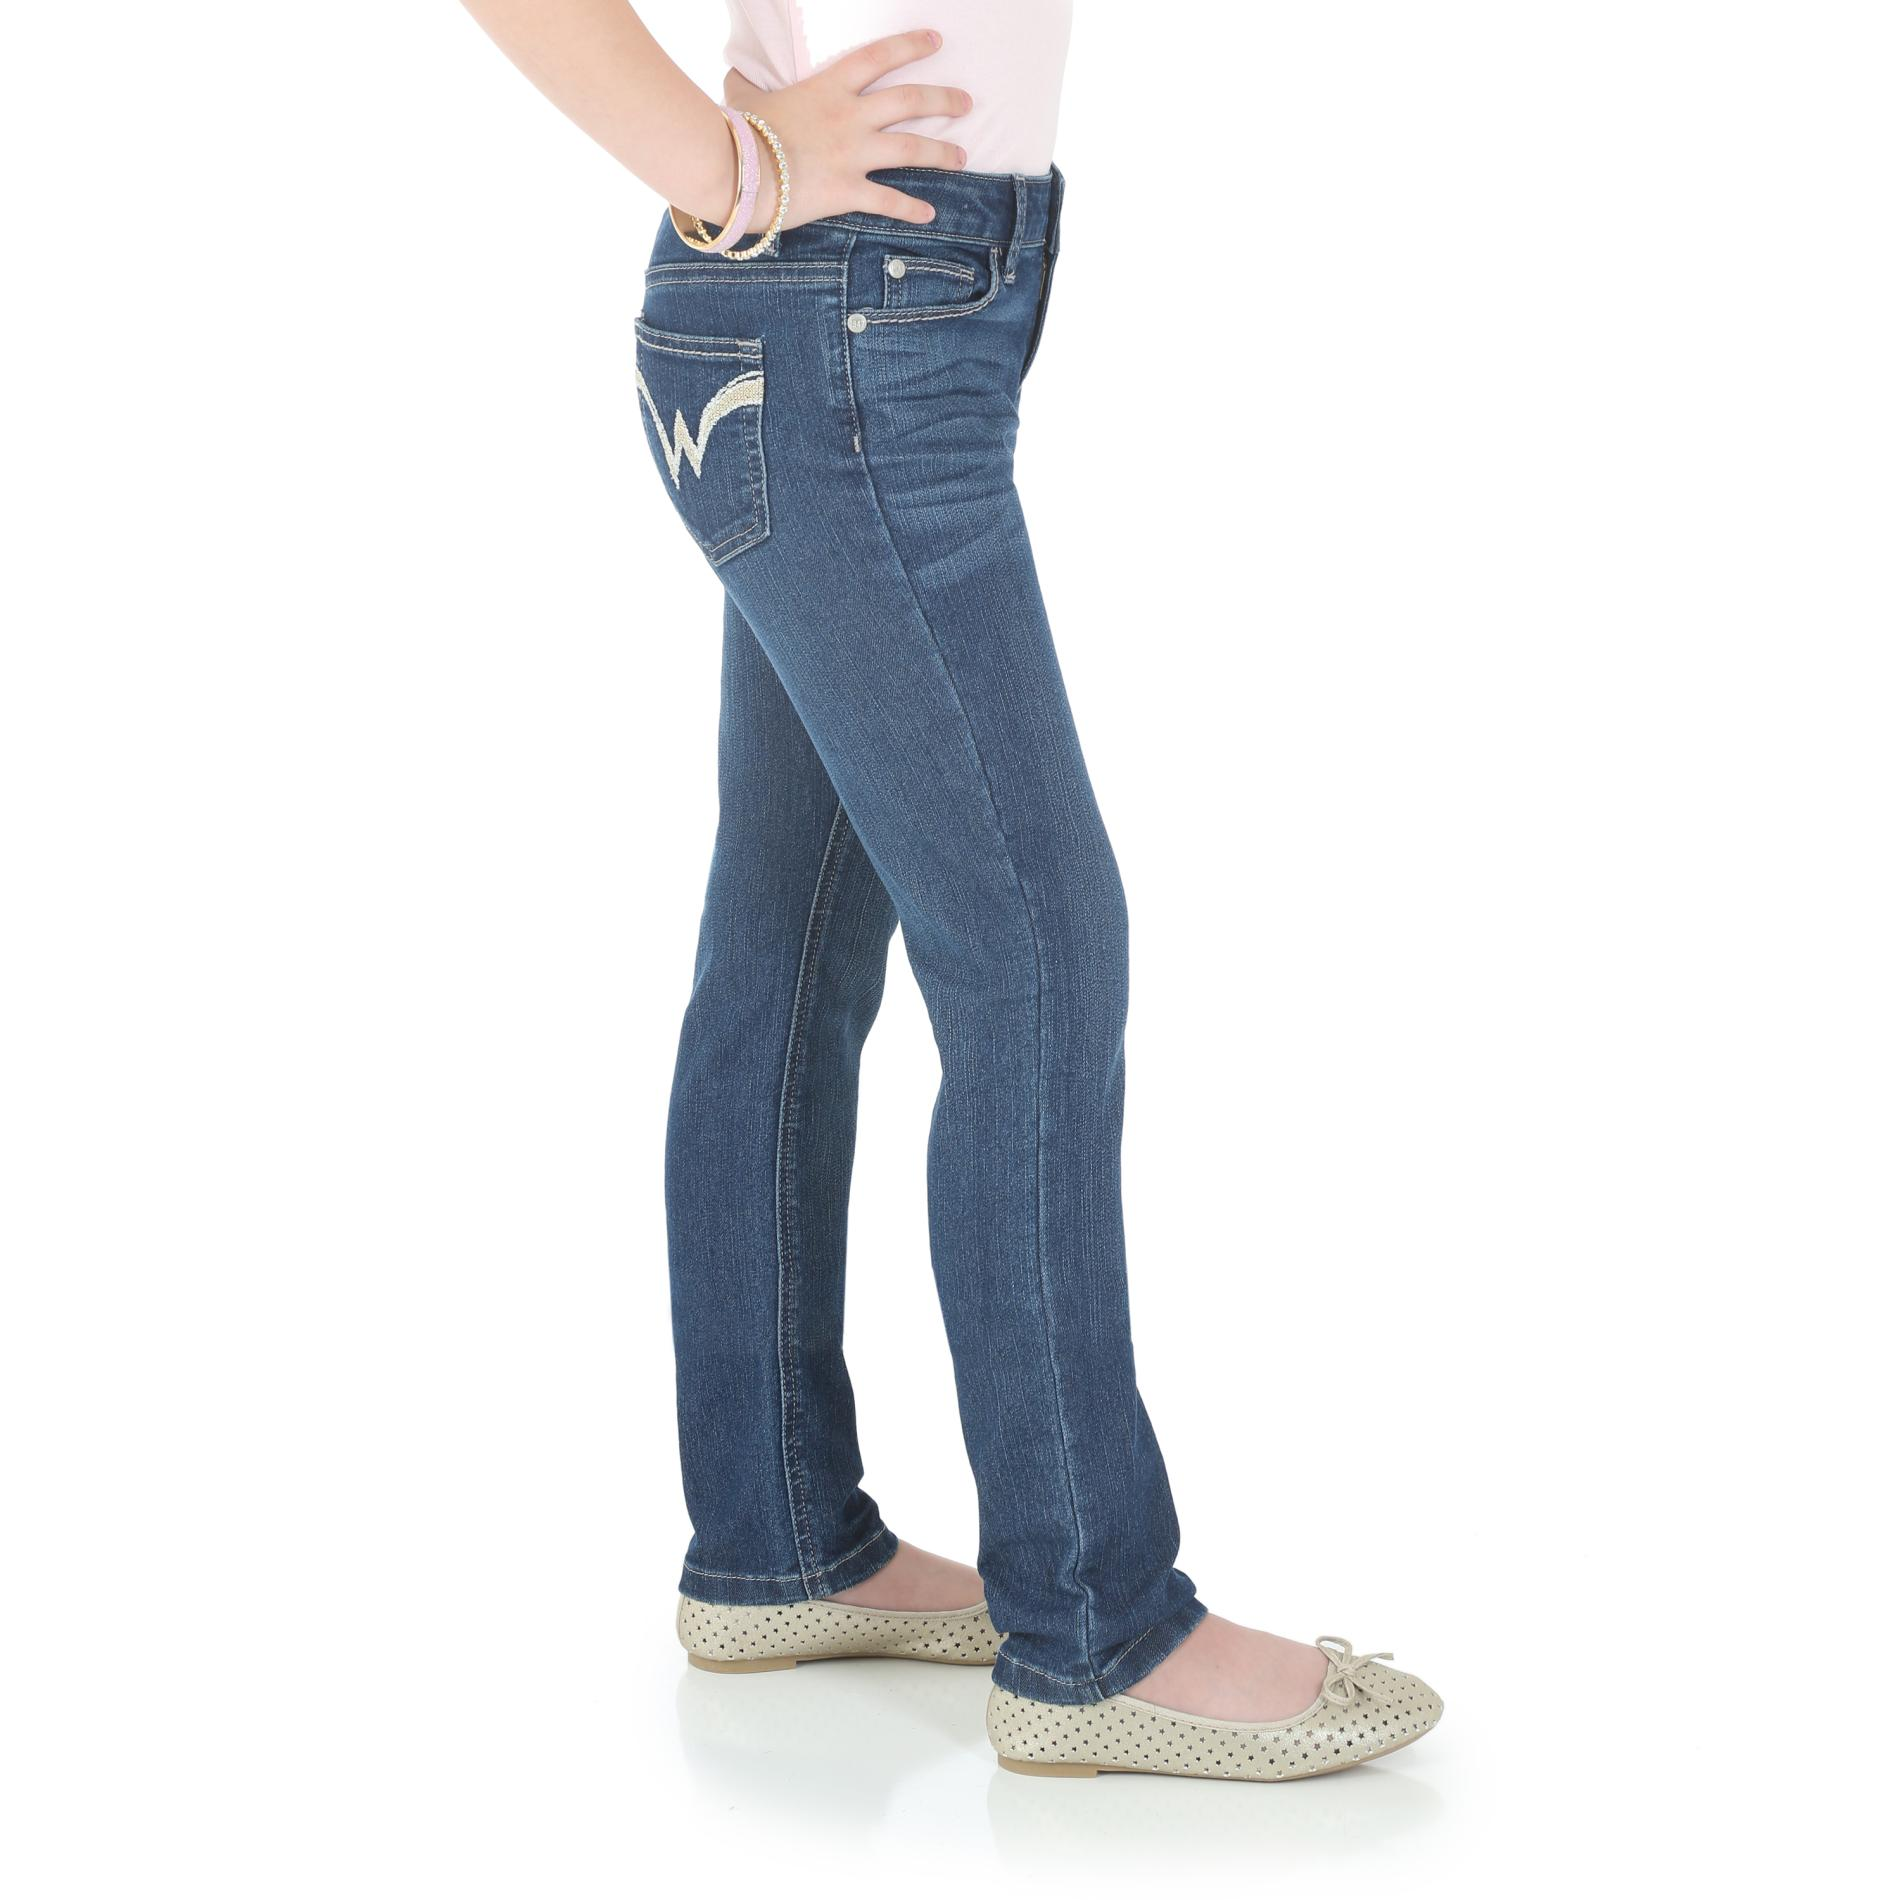 Wrangler Girl's Super Skinny Jeans